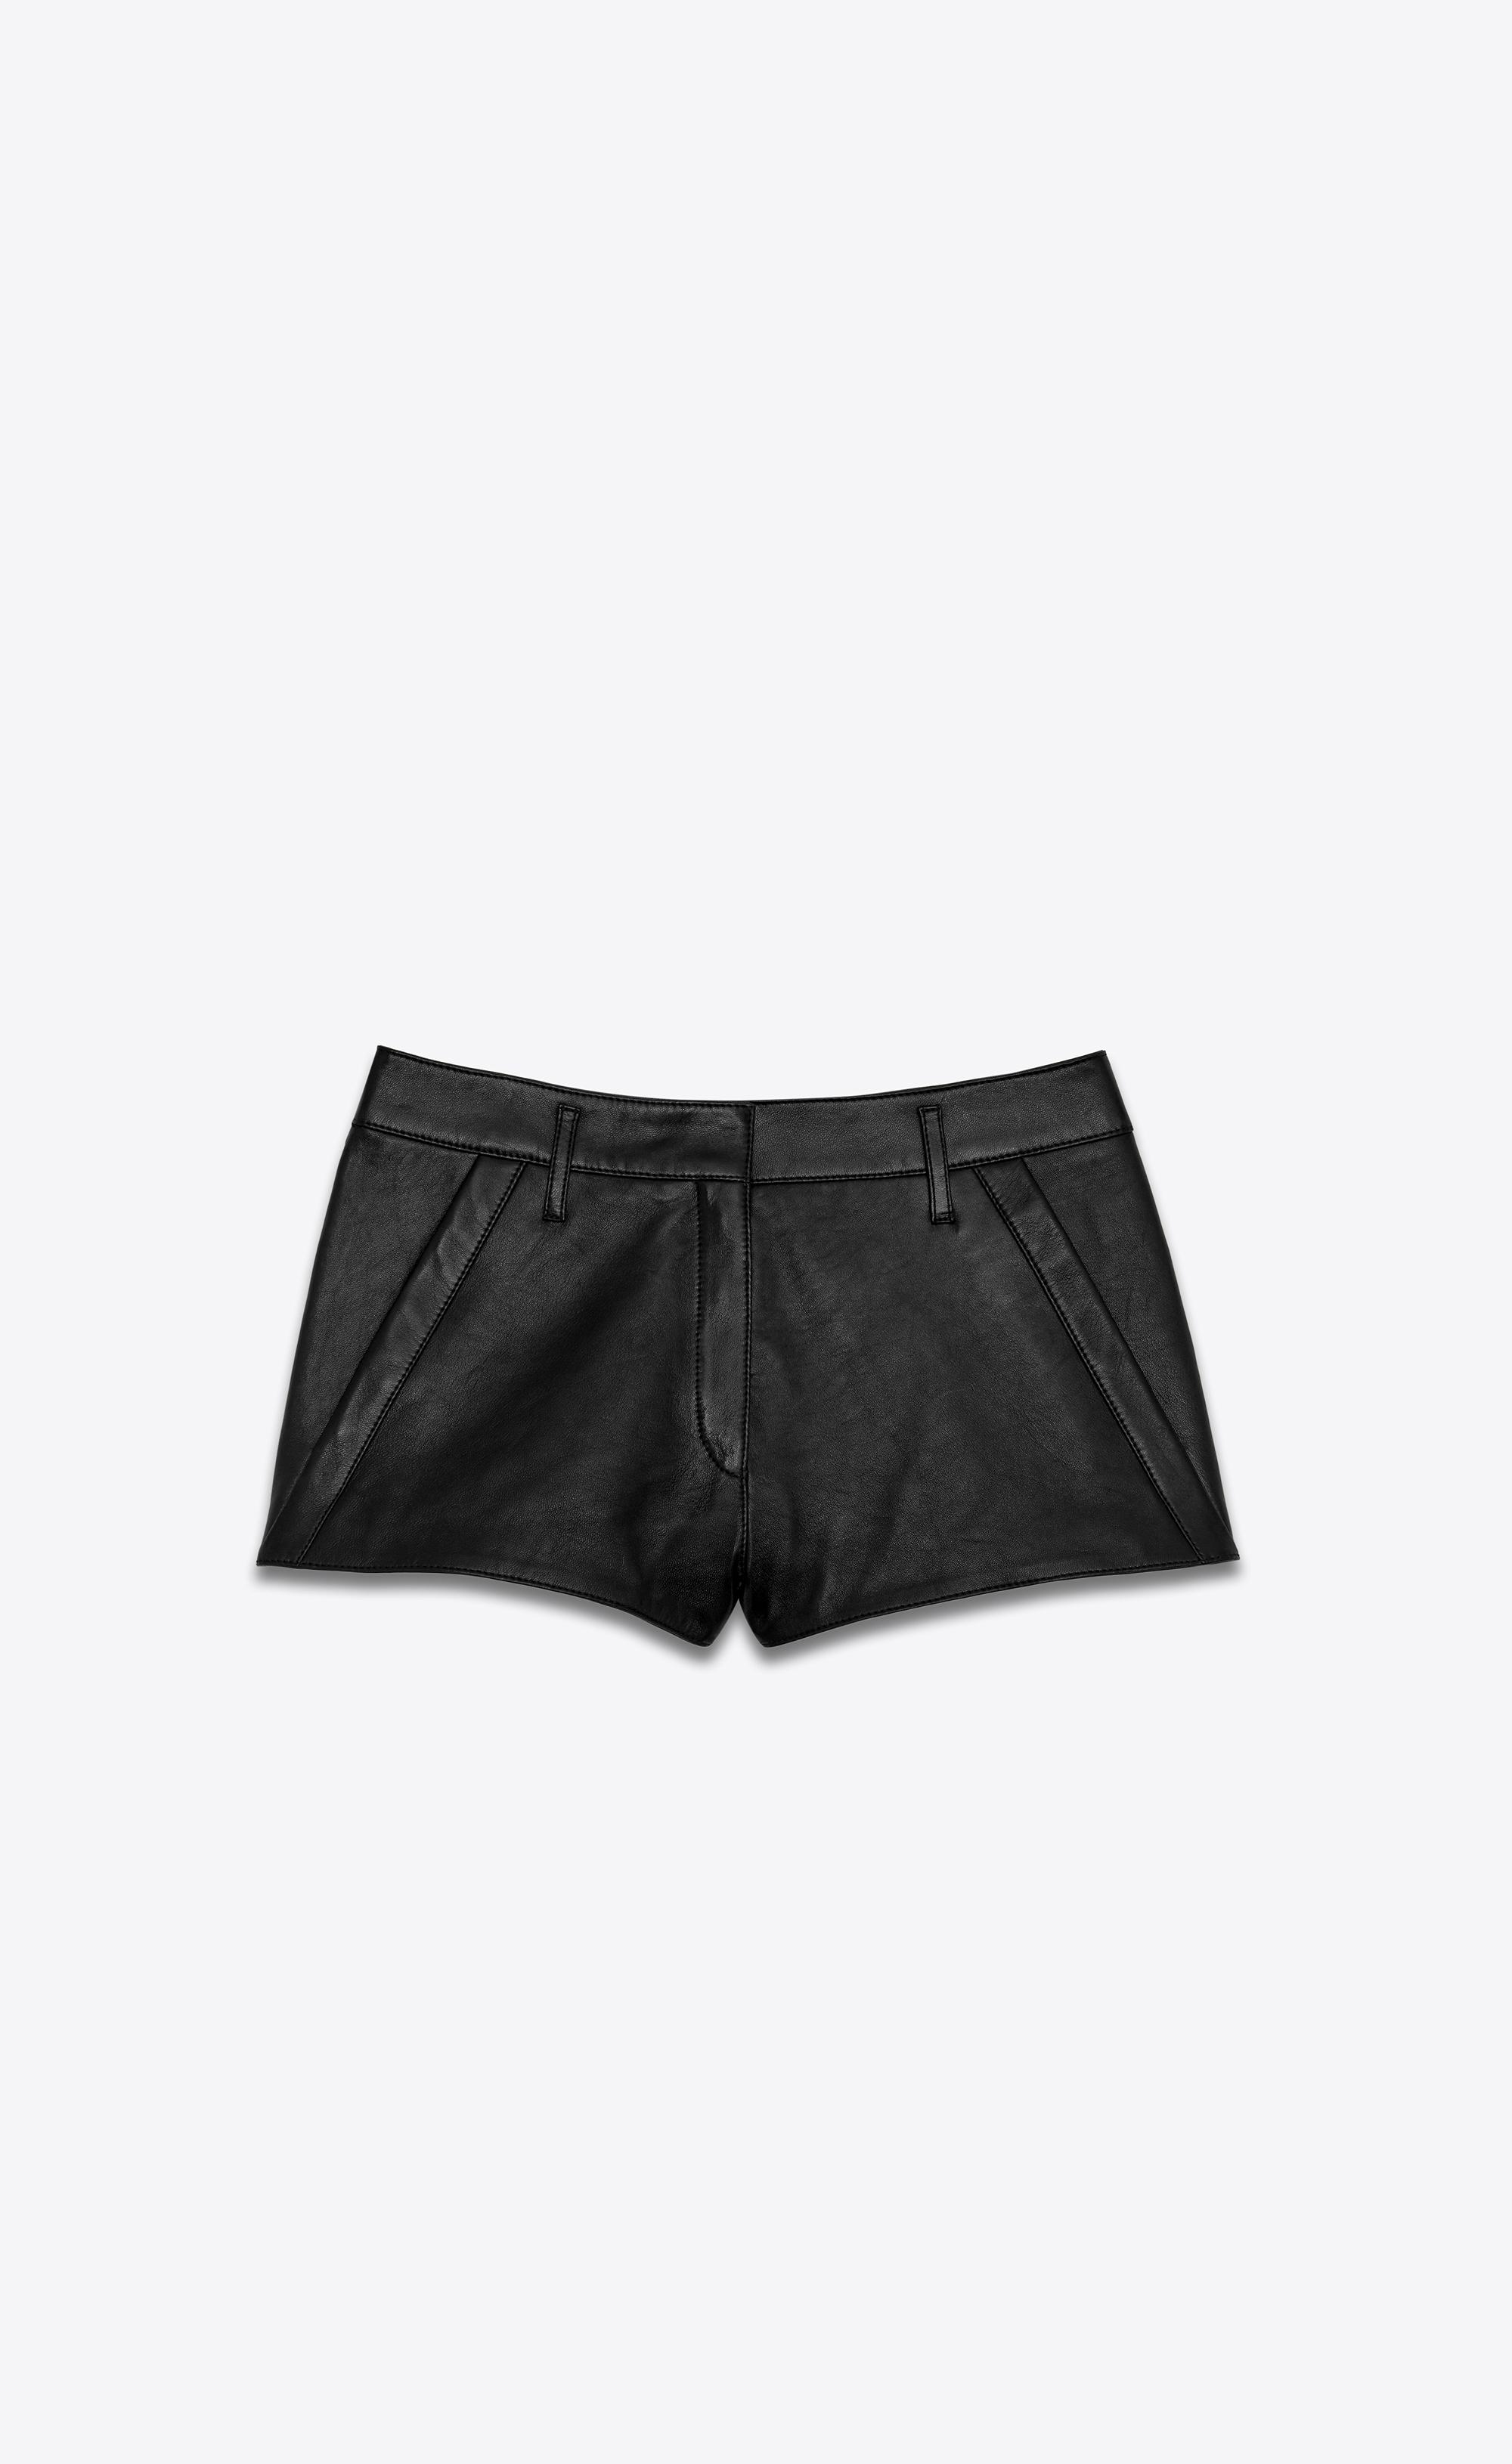 c17f245a Saint Laurent | Shop Saint Laurent for Belts & Braces | Goxip